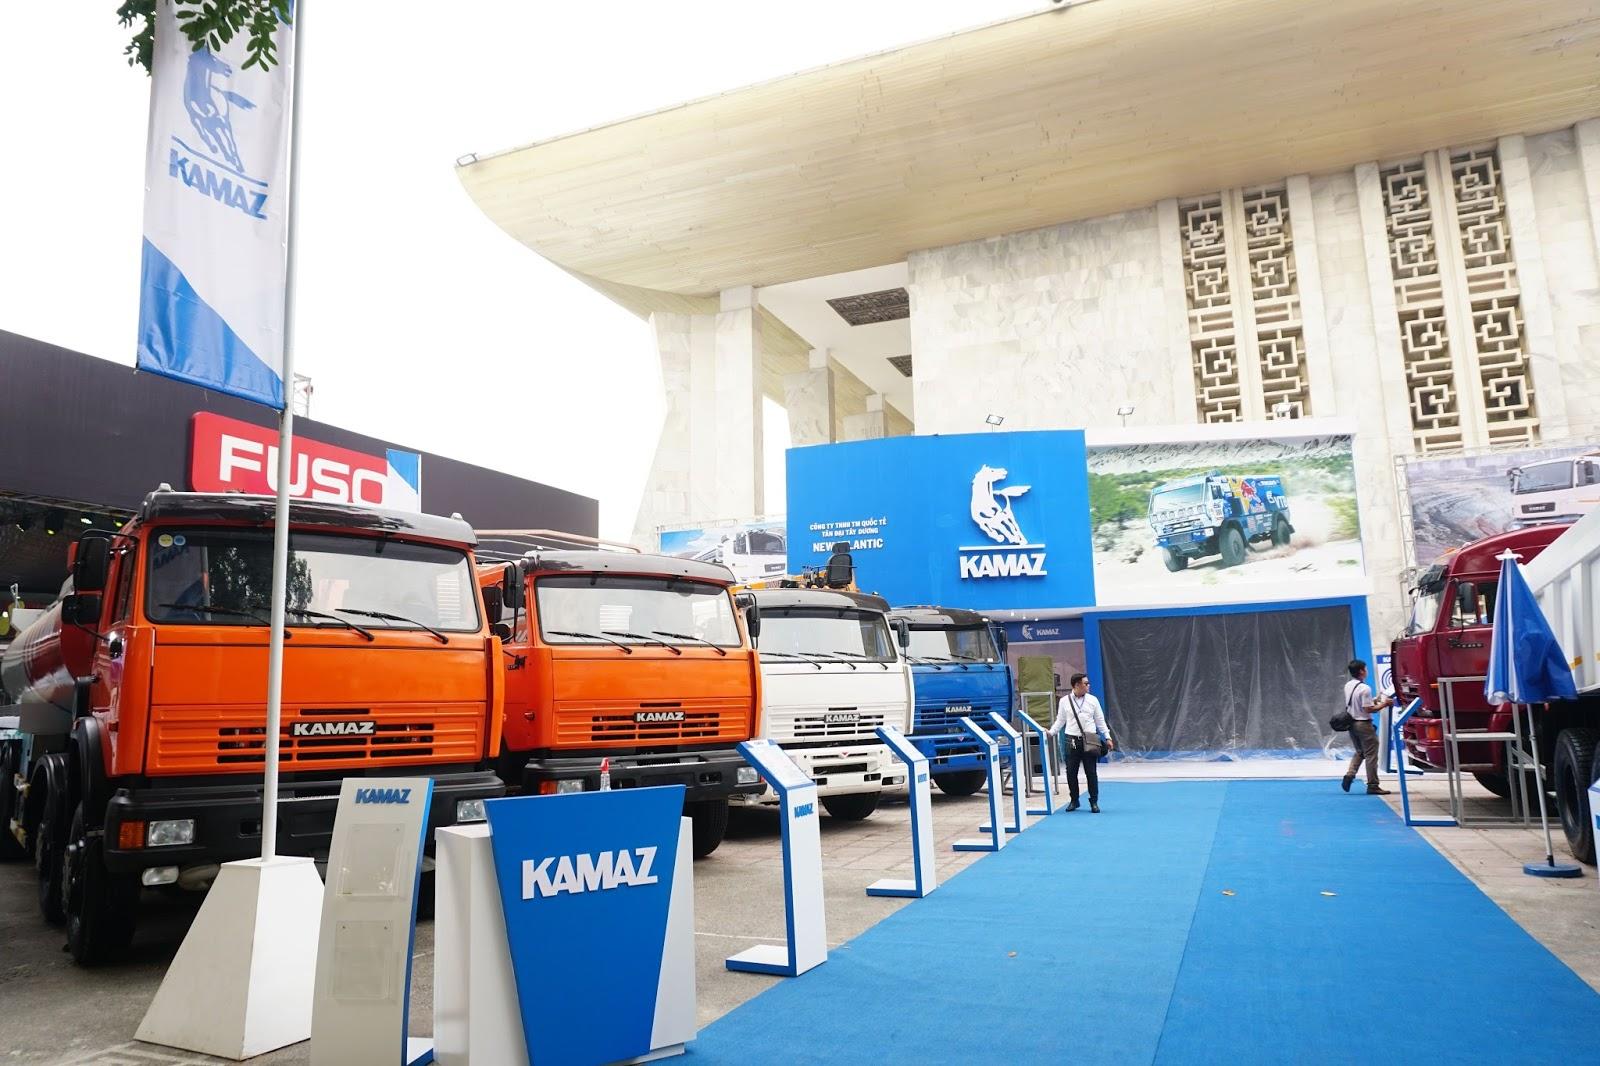 Gian hàng của Kamaz với các dòng xe công nghiệp xây dựng